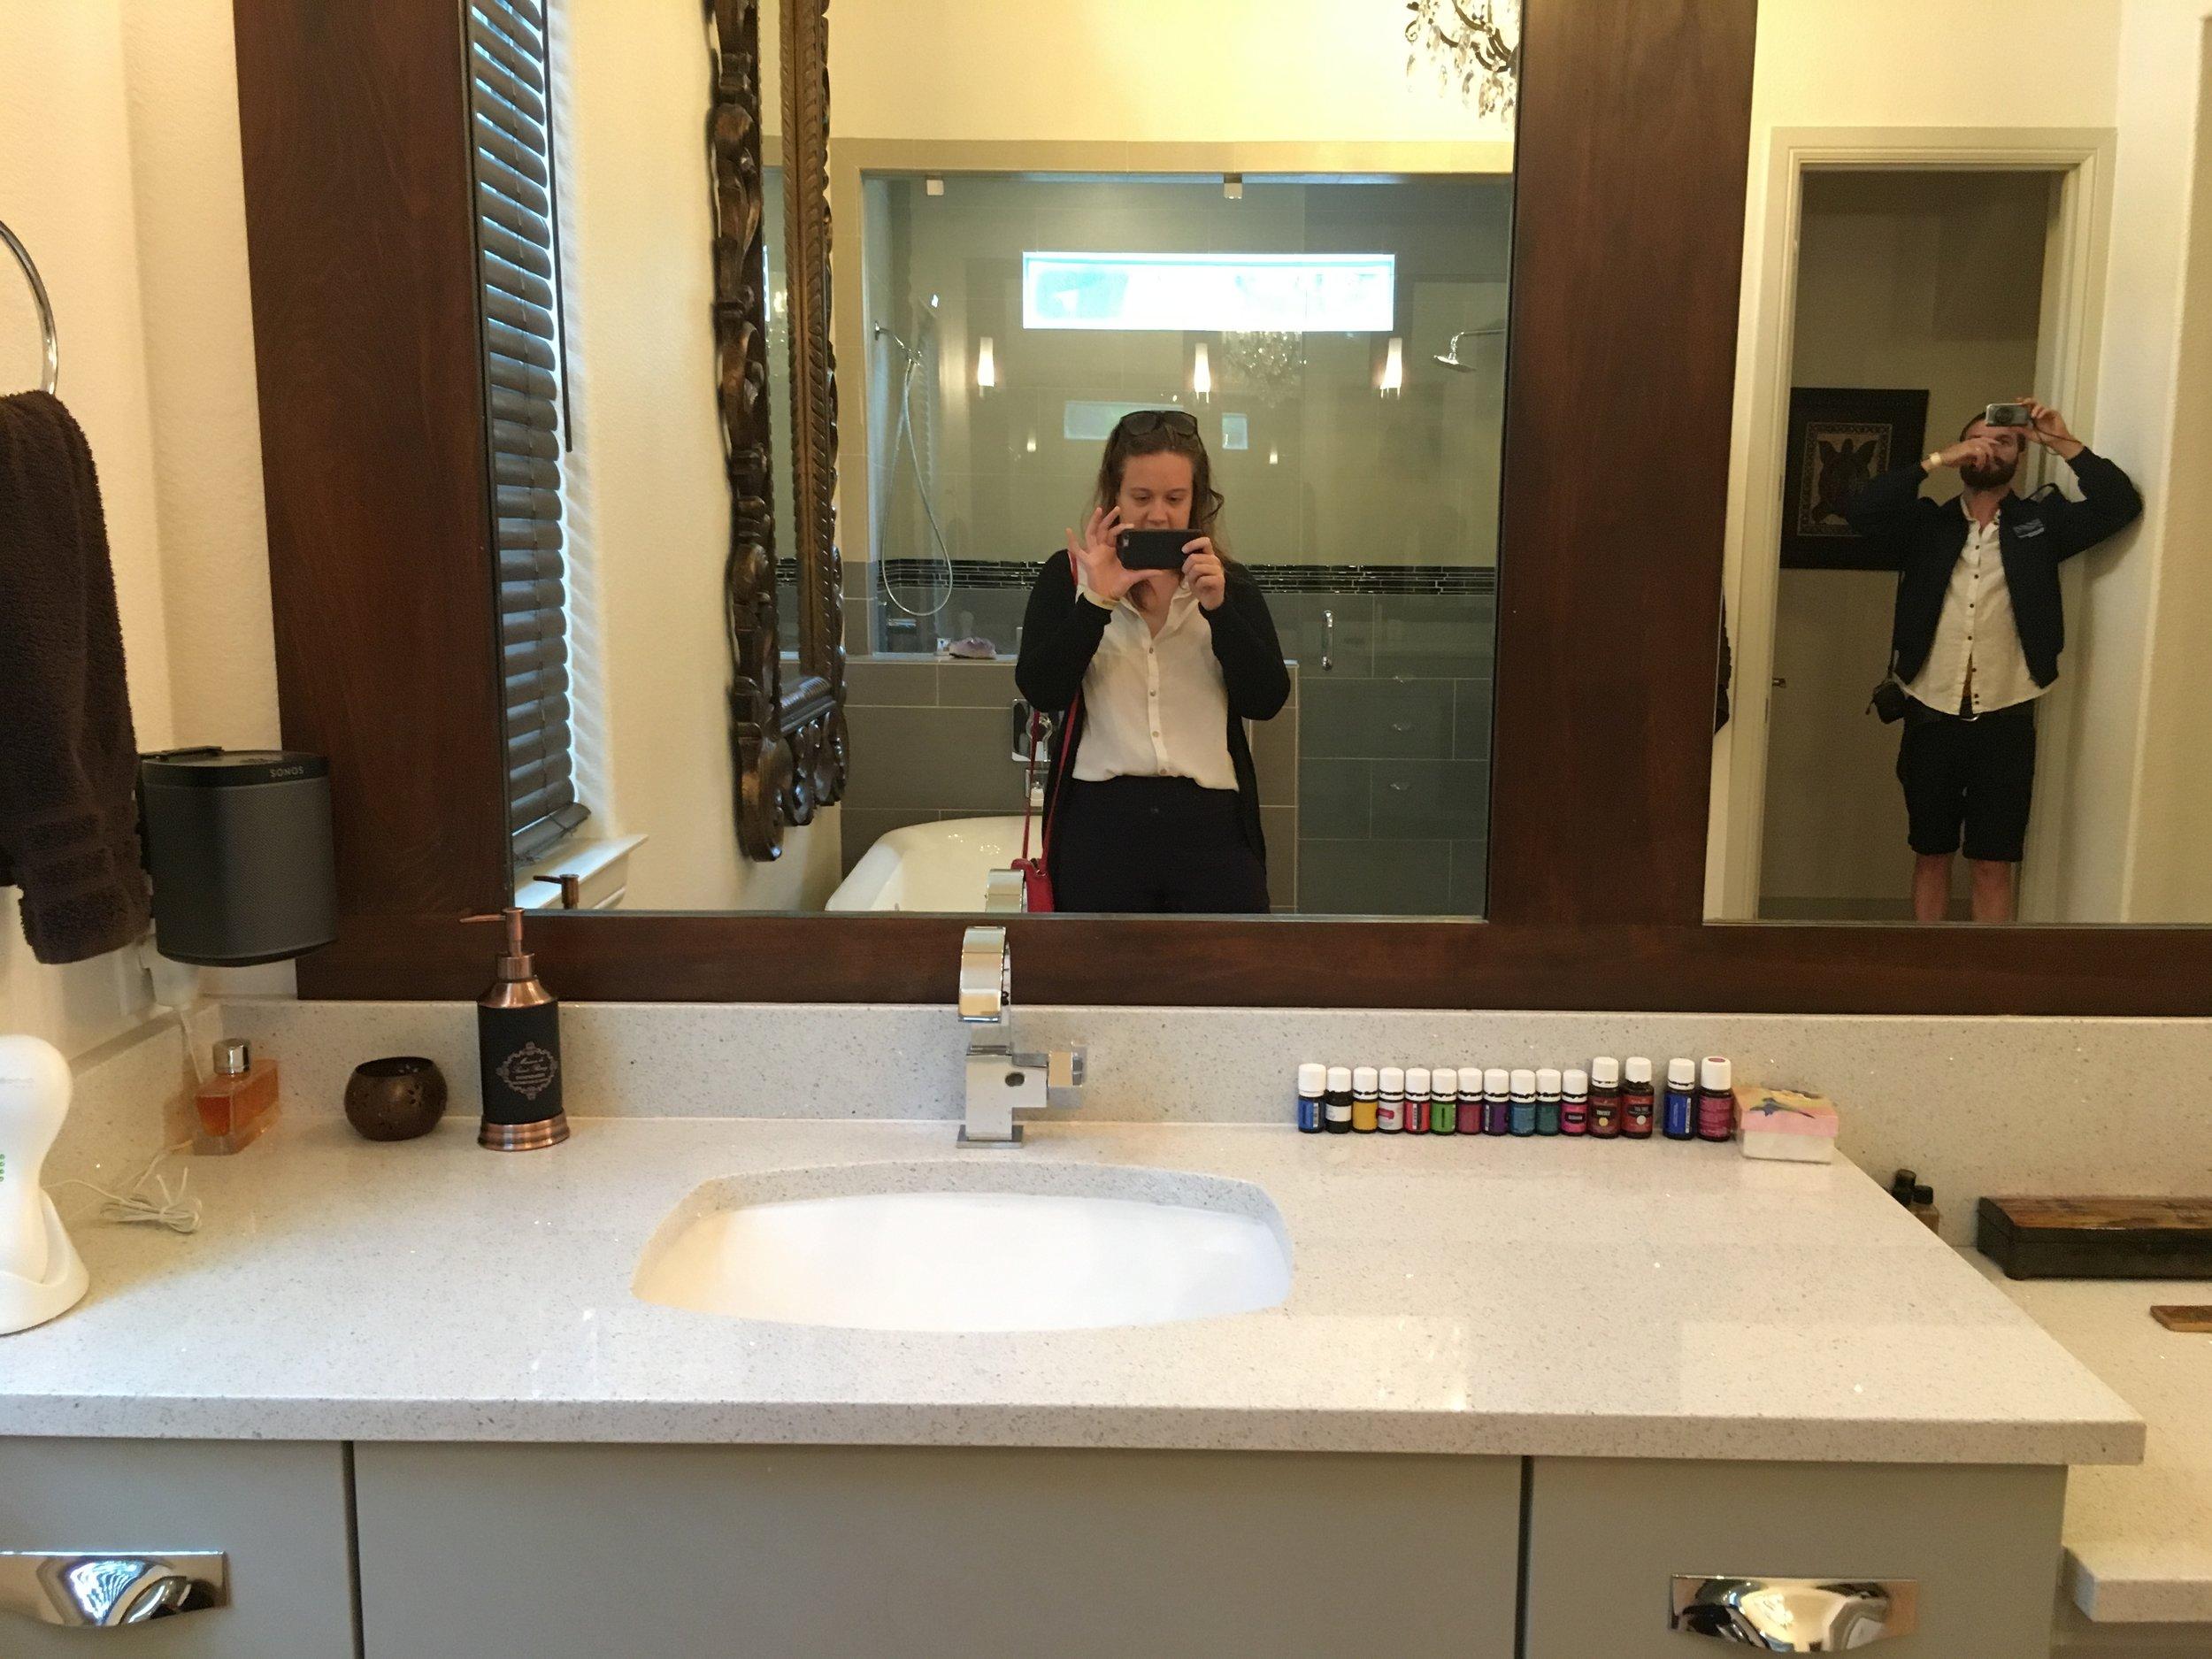 Torres Temple BR mirror